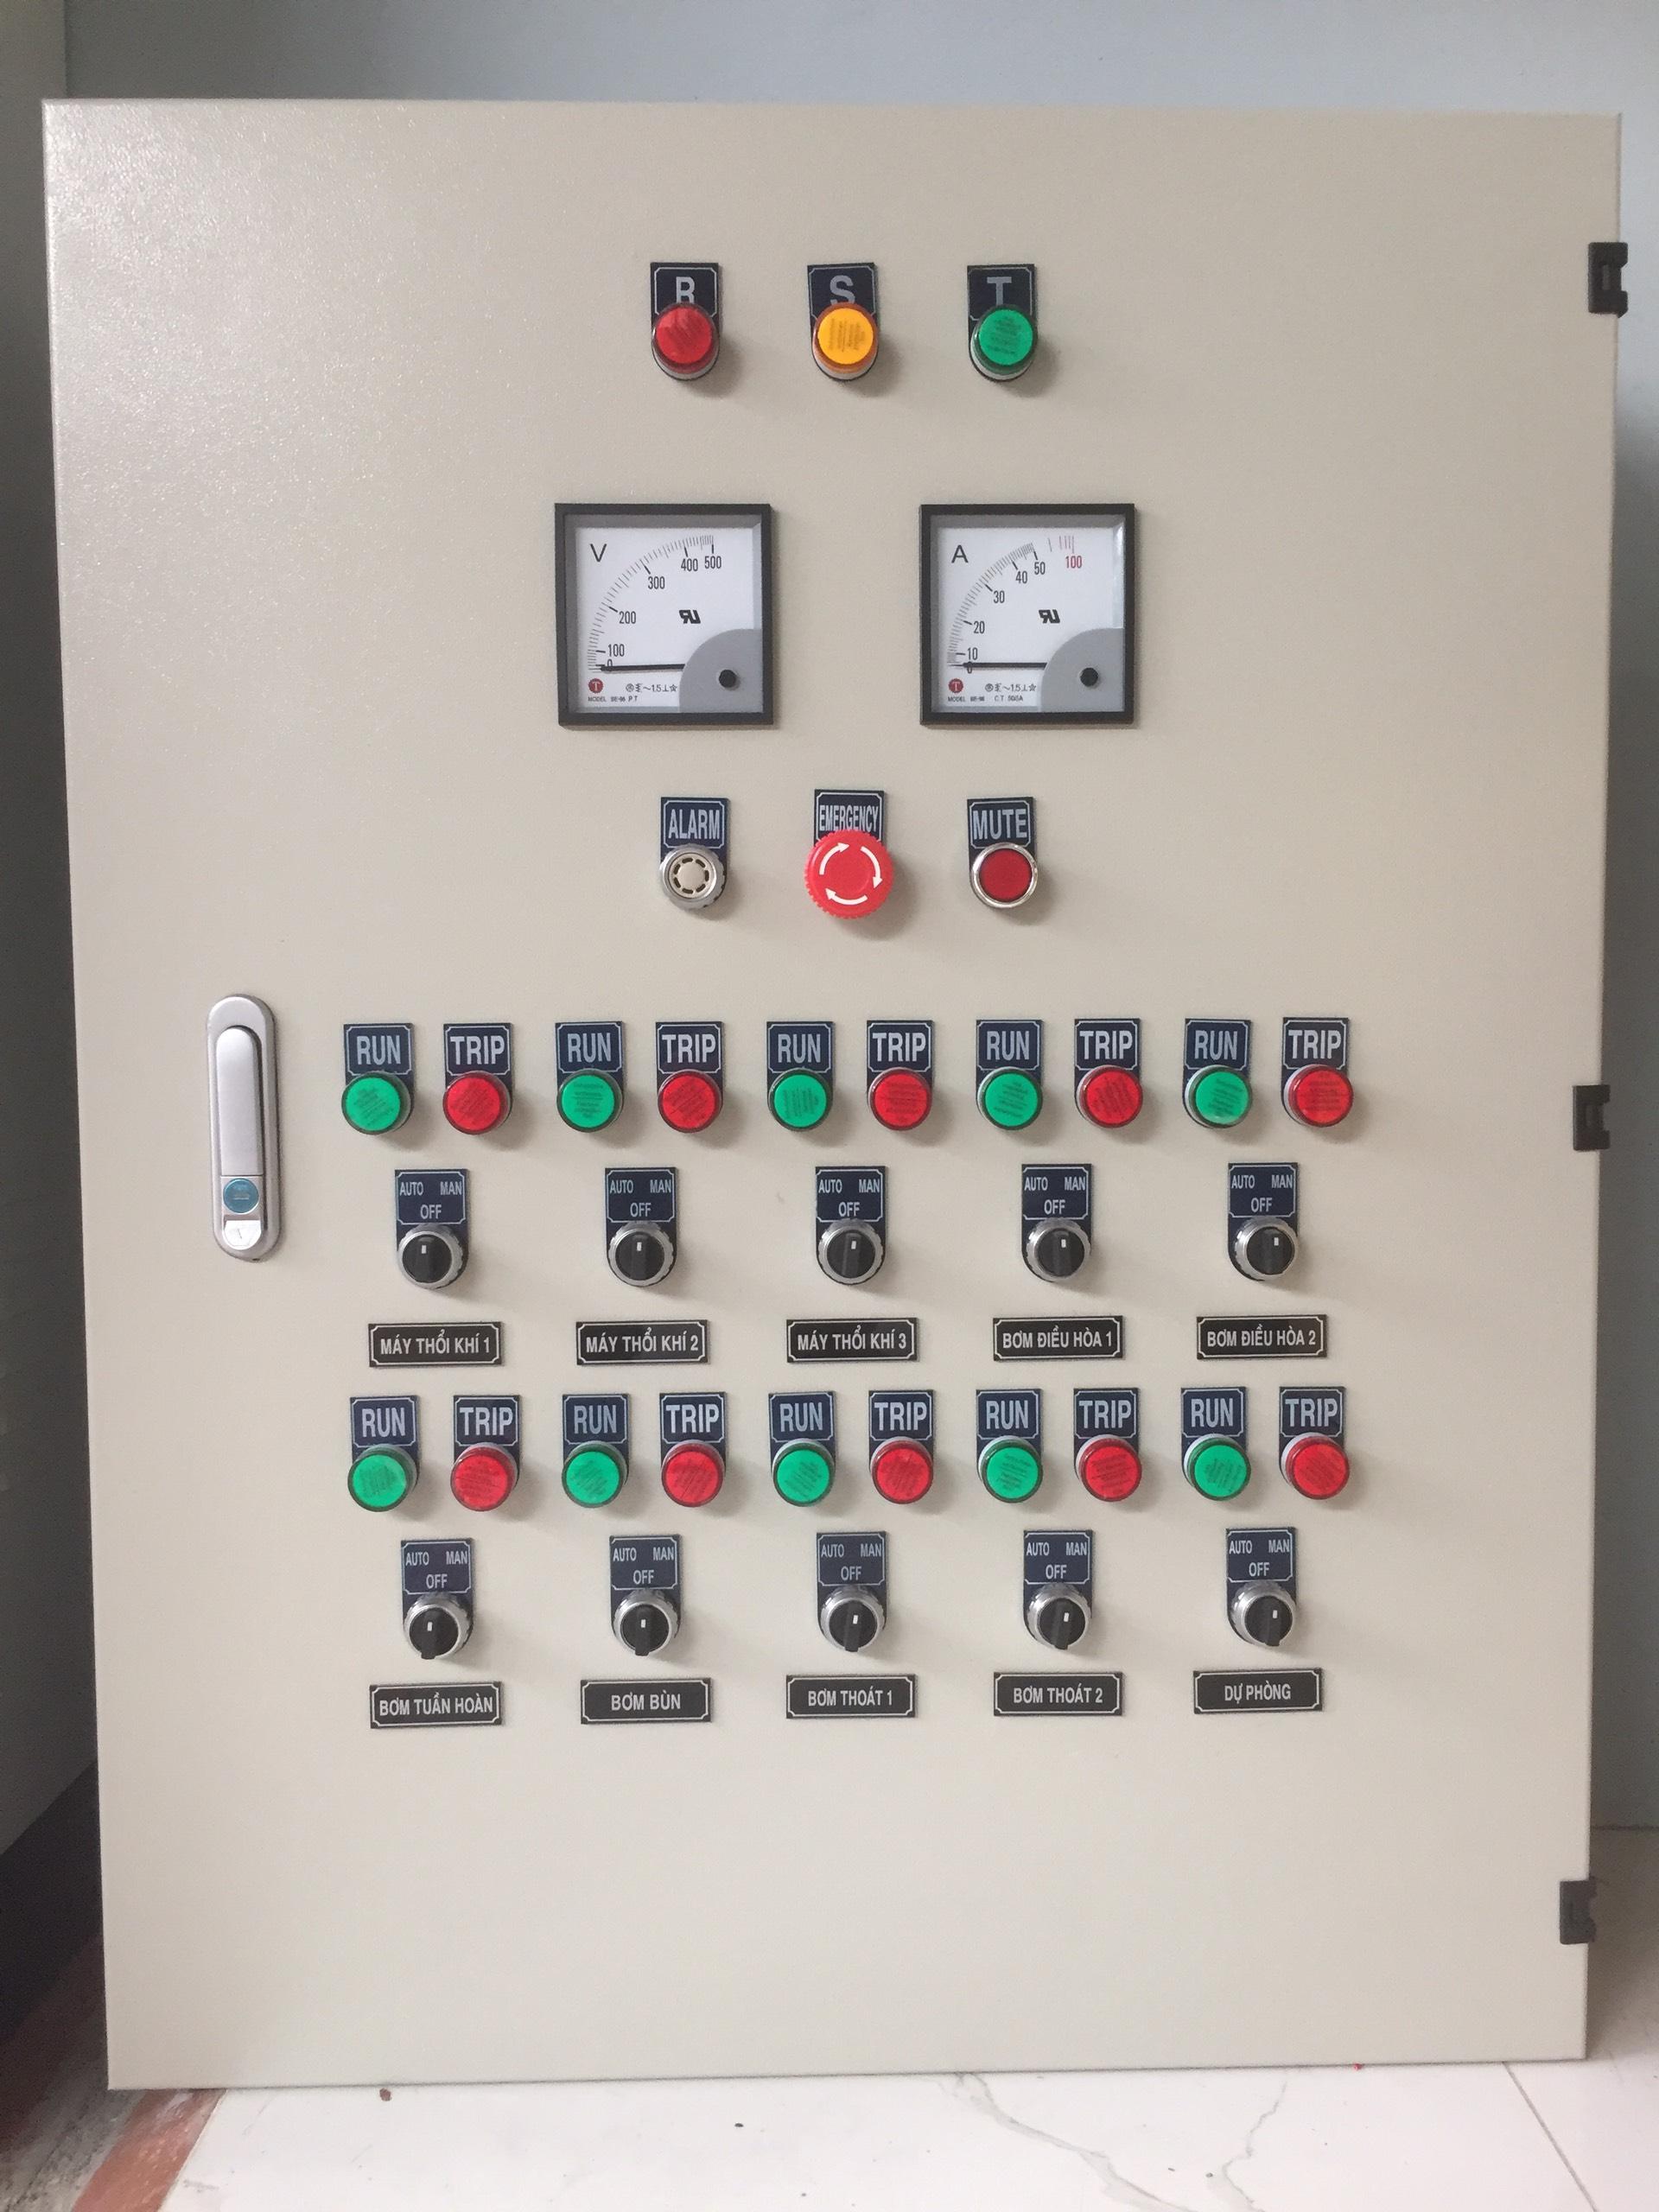 Tủ Điện Điều Khiển Hệ Thống XLNT Khách Sạn